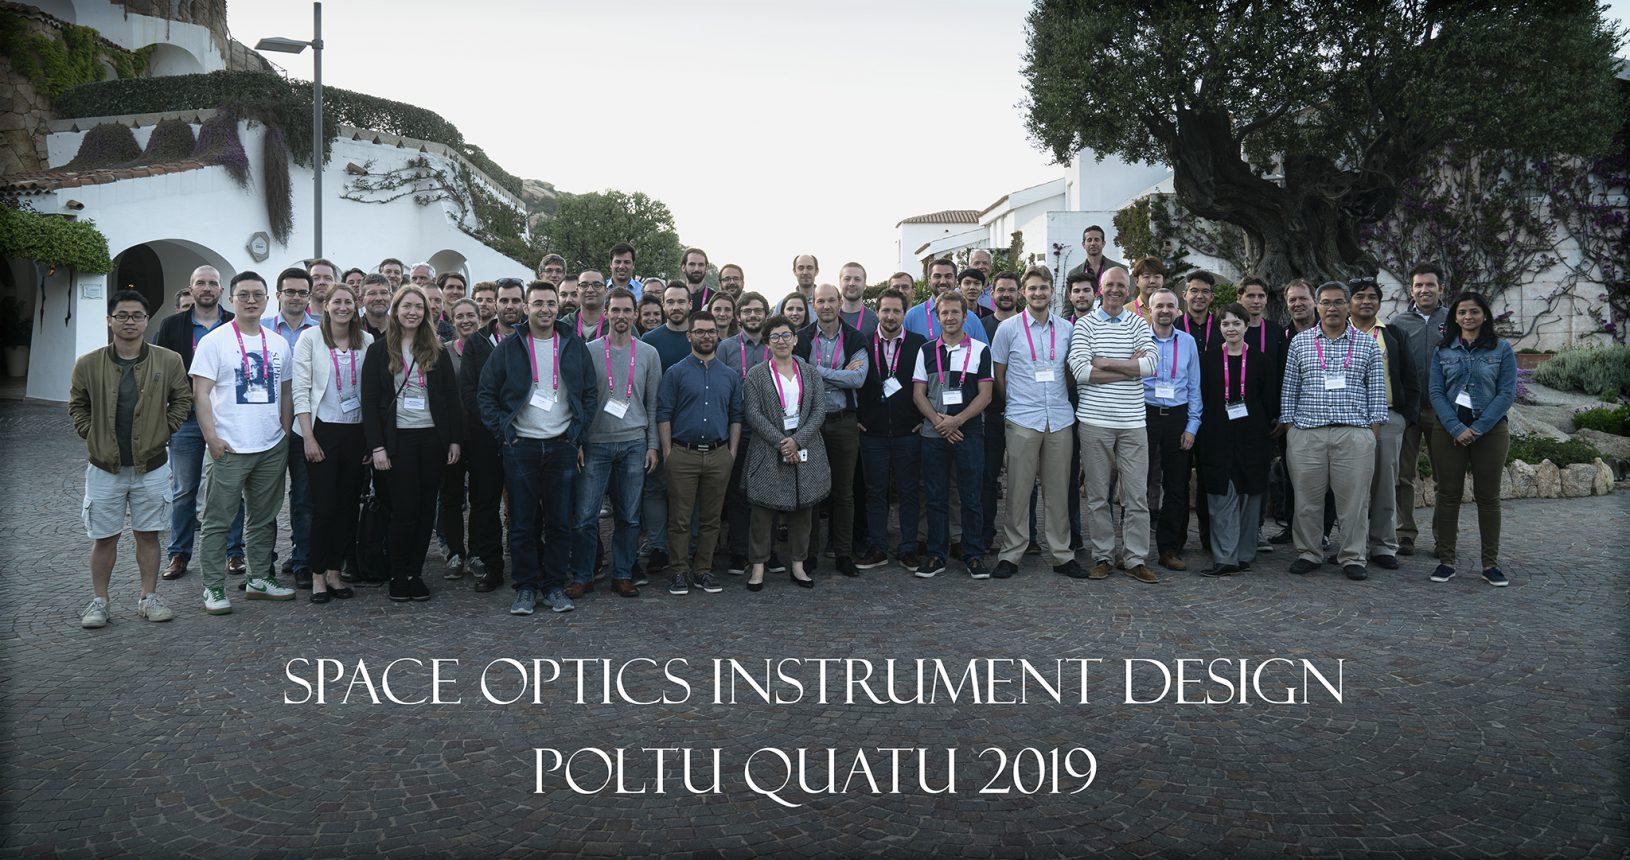 2019 SOIDT - Design - Space Optics Instrument Design ...